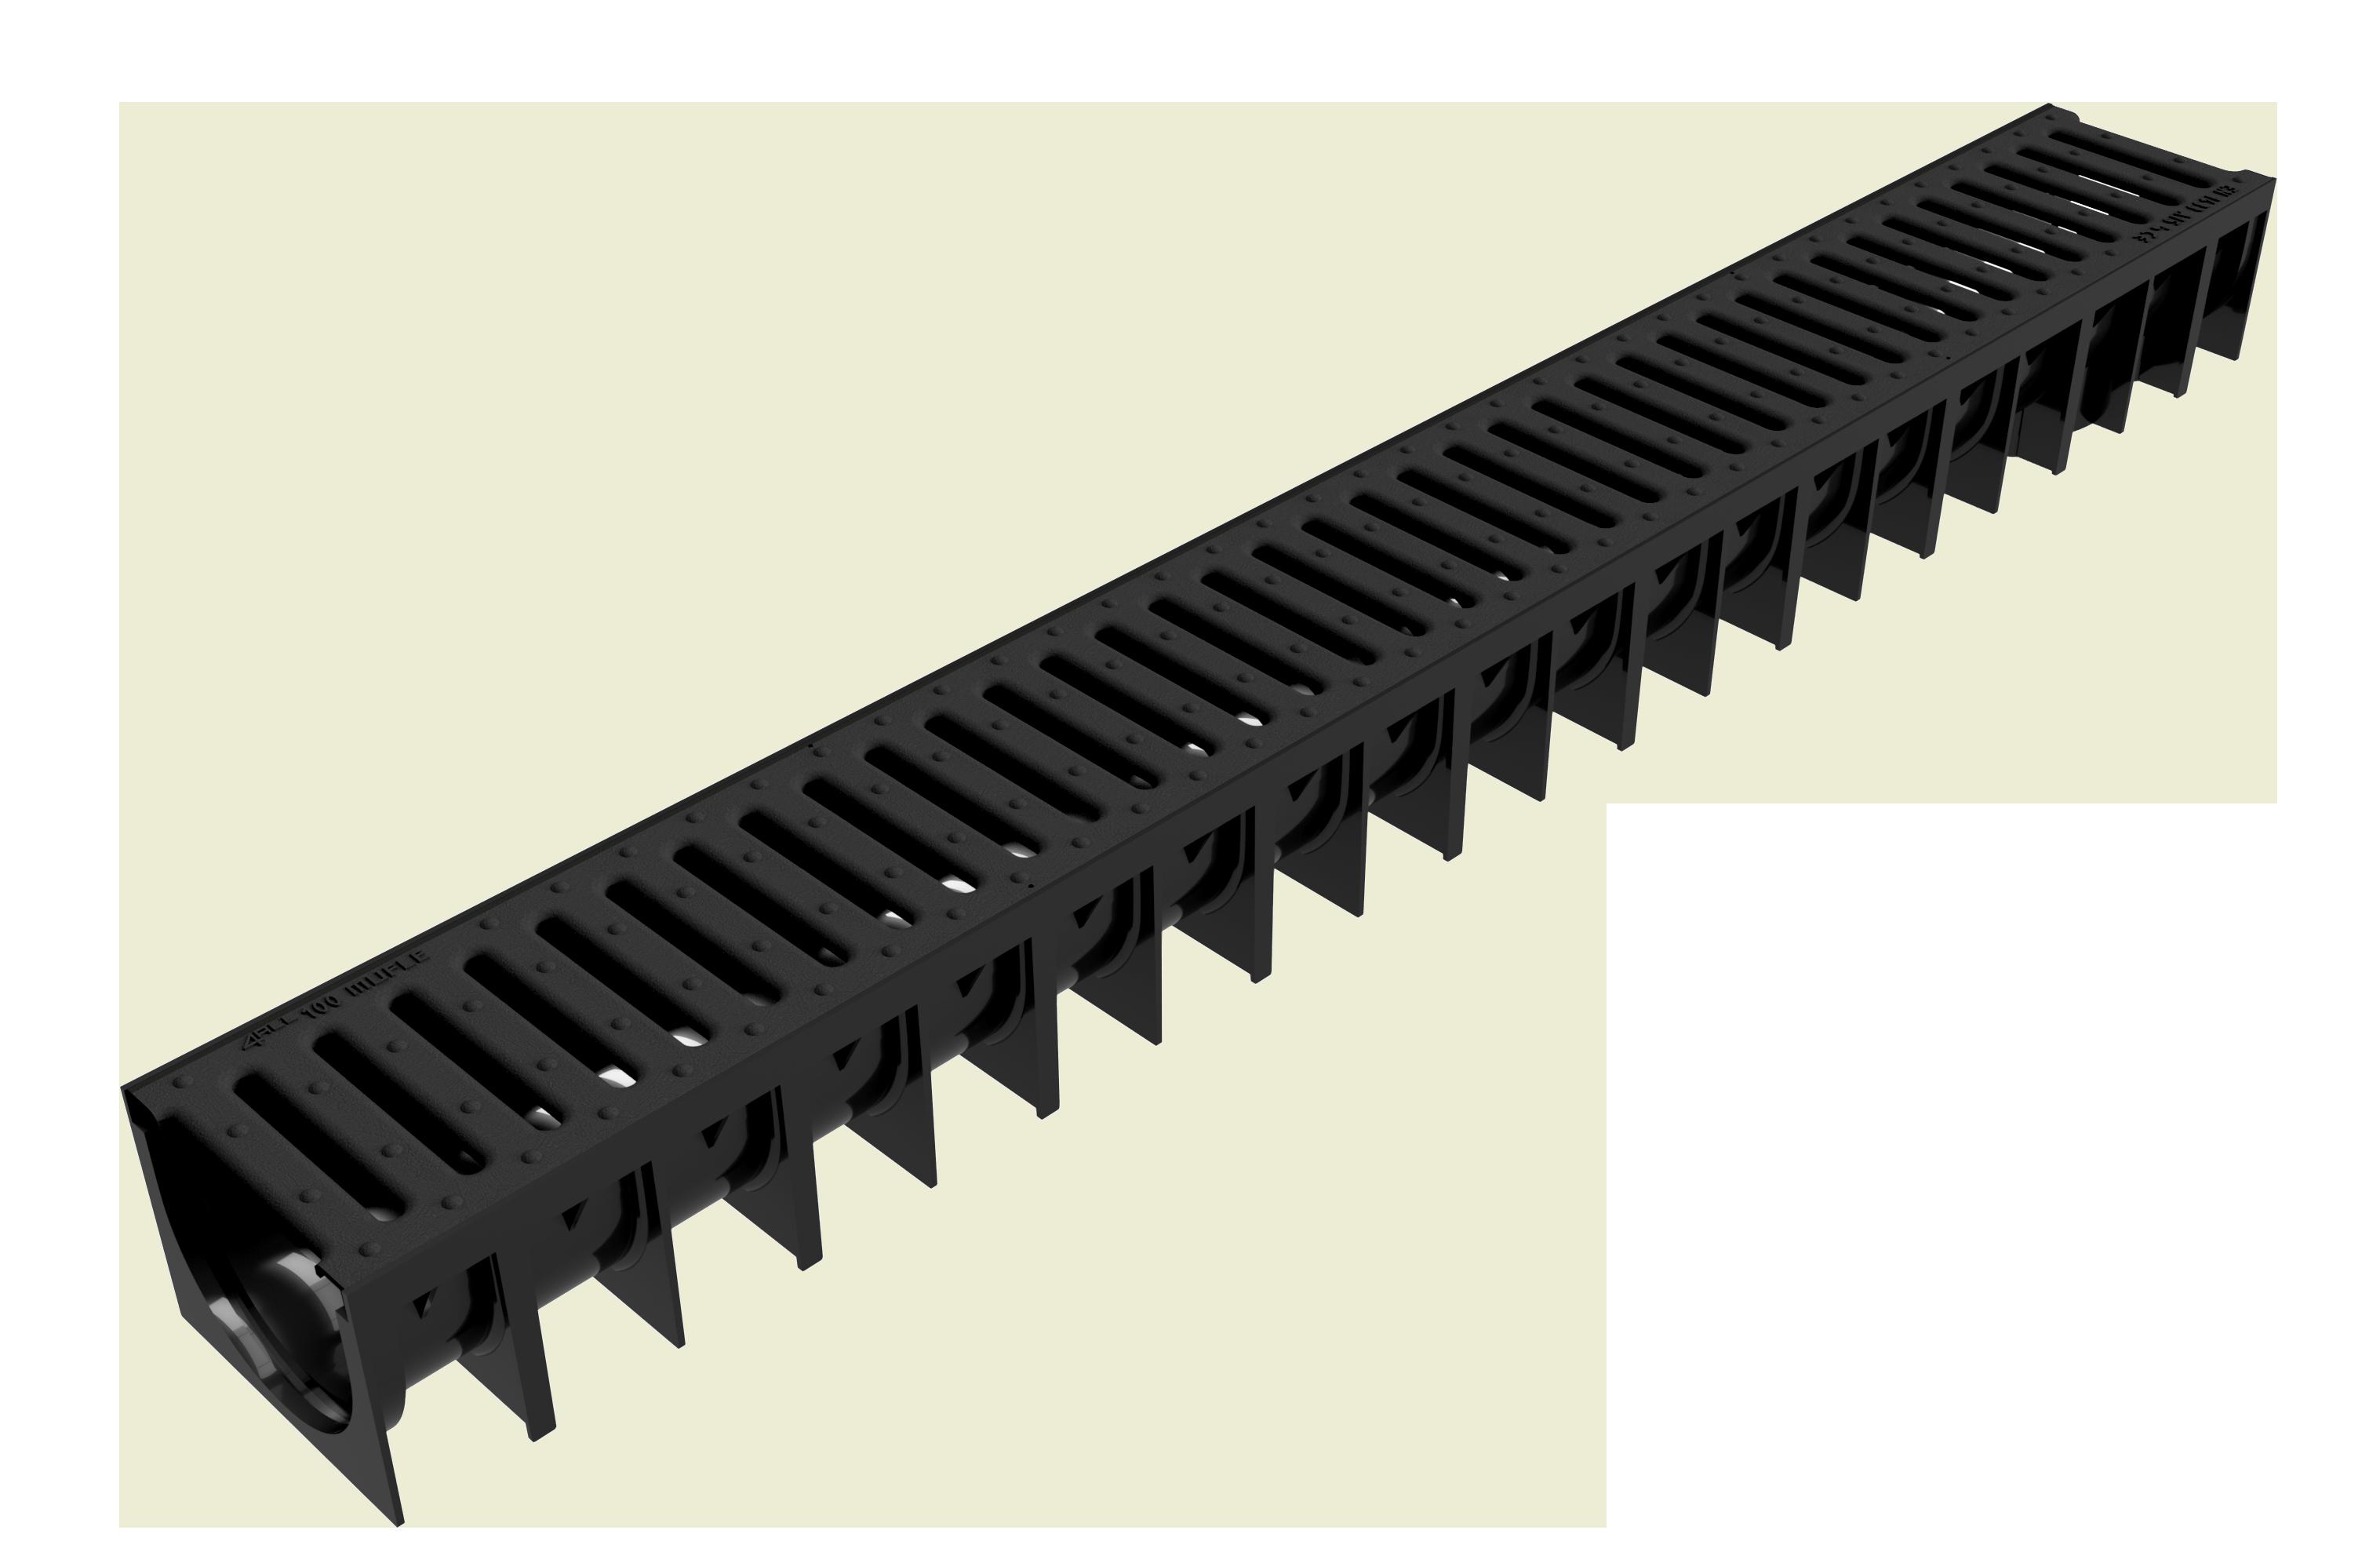 Render del canal MUFLE 4ALL H92 en polipropileno negro con reja pasarela de polietileno de alta densidad (HDPE) clase de carga A15.